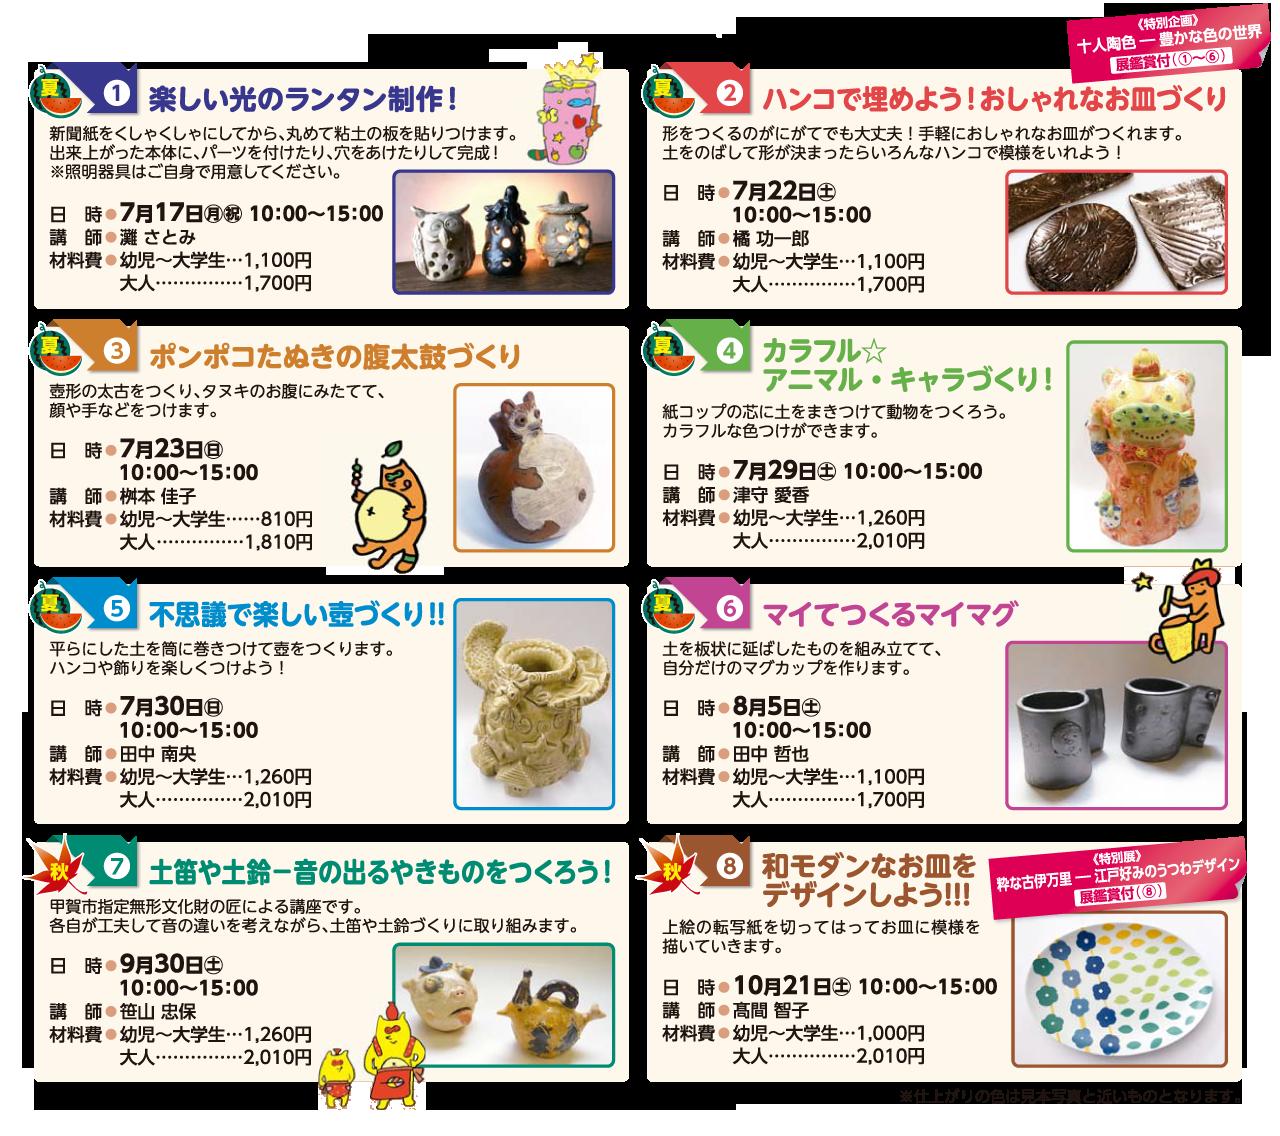 017tsuchikko_summer_session_contents